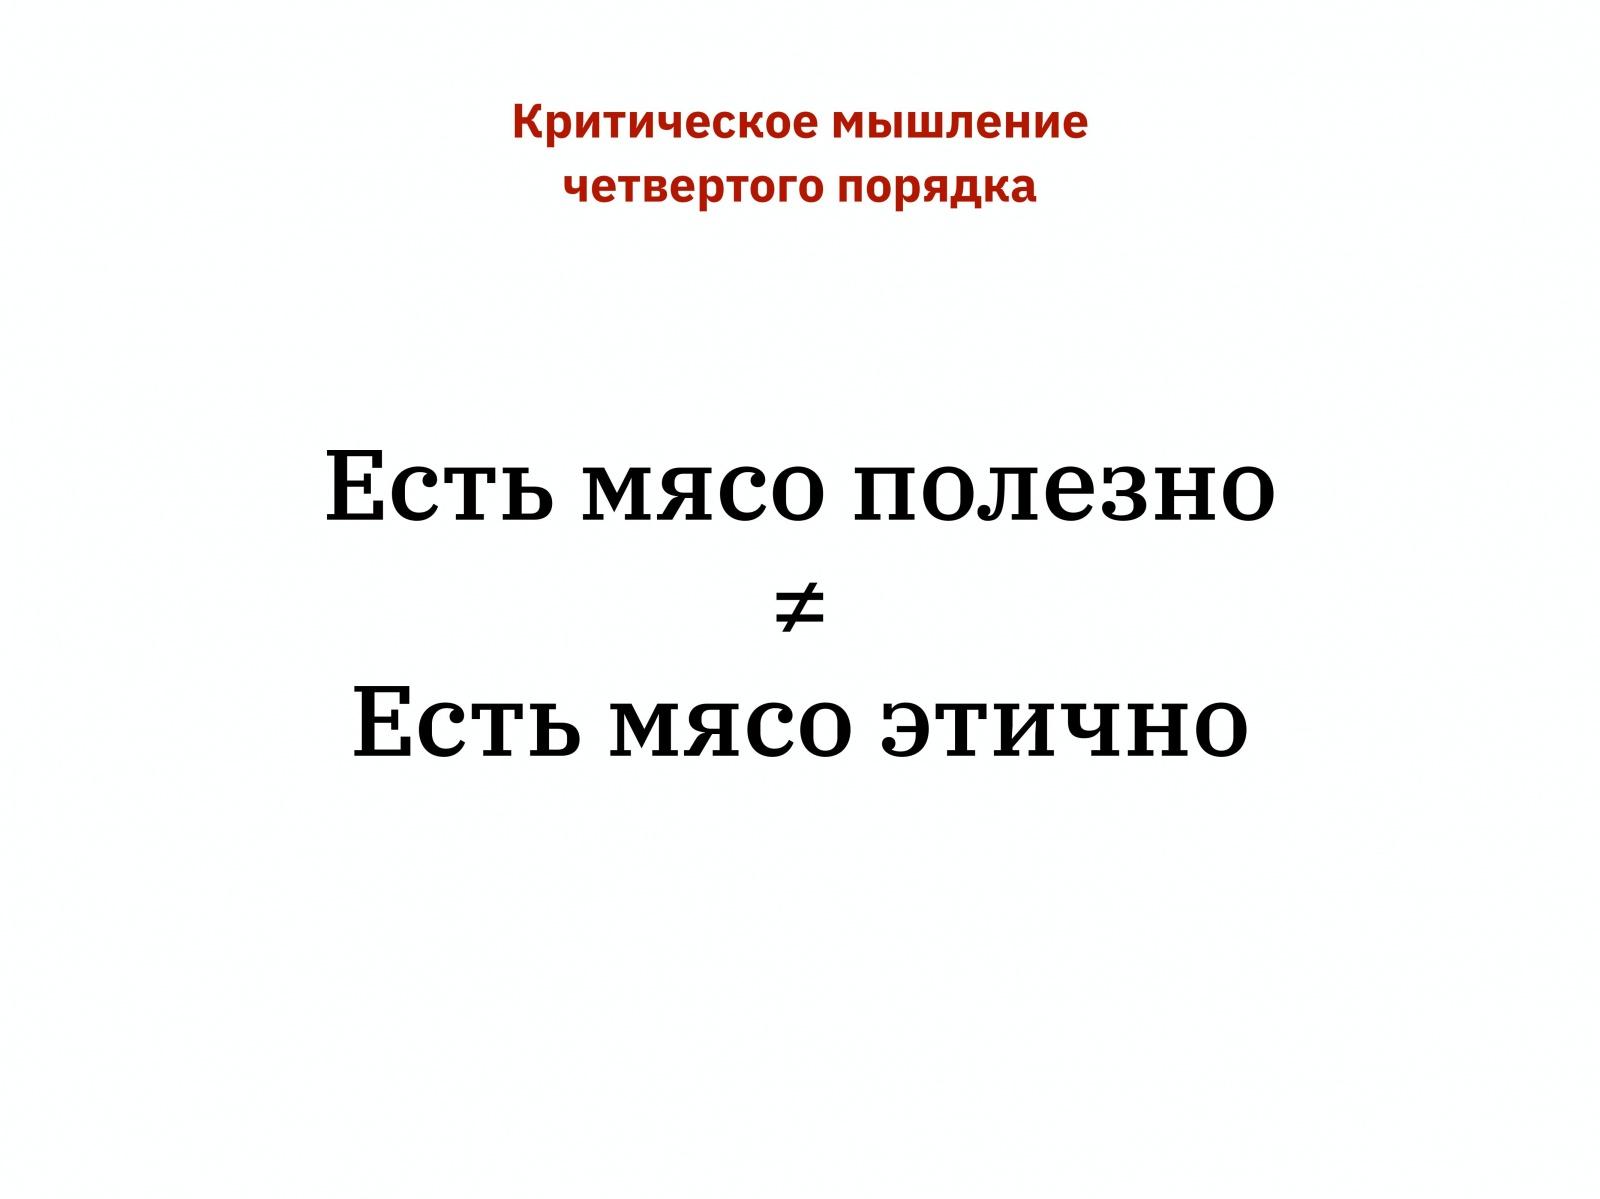 Алексей Каптерев: Критическое мышление 101 (часть 2) - 91